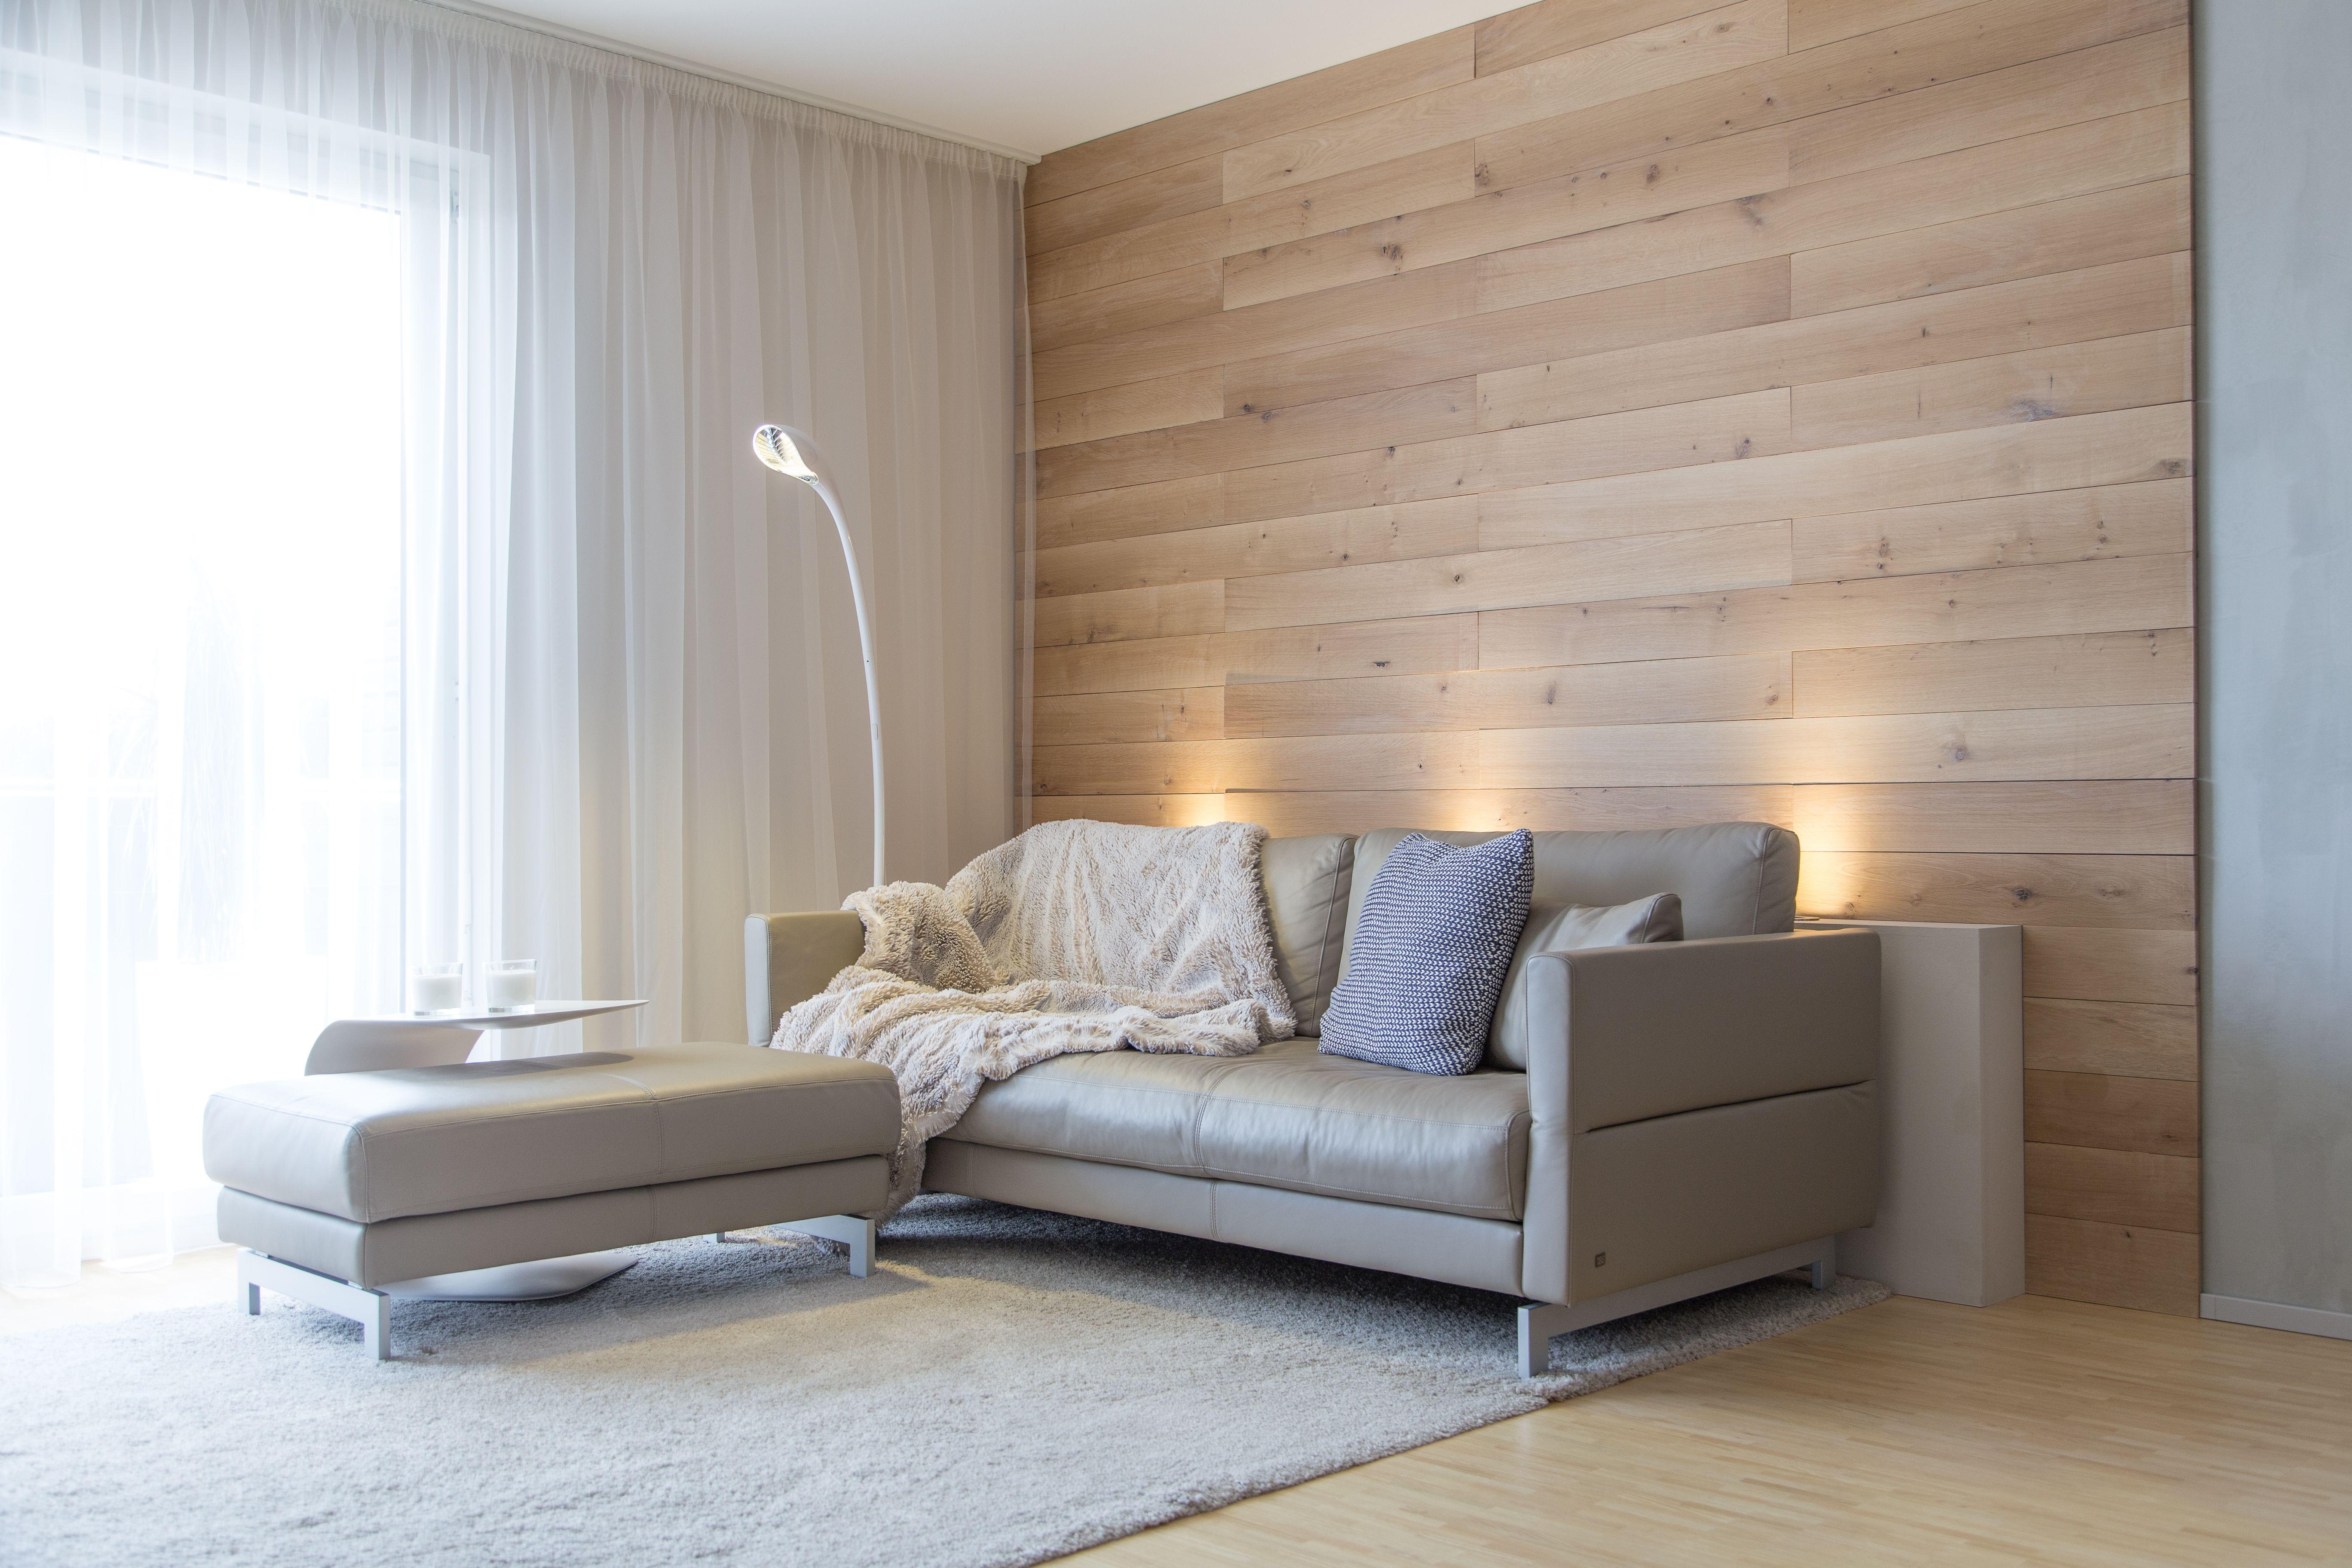 Einrichtungsberater  Wohnzimmer Wand mit Eiche-Holzvertäfelung wohnly dein Online ...